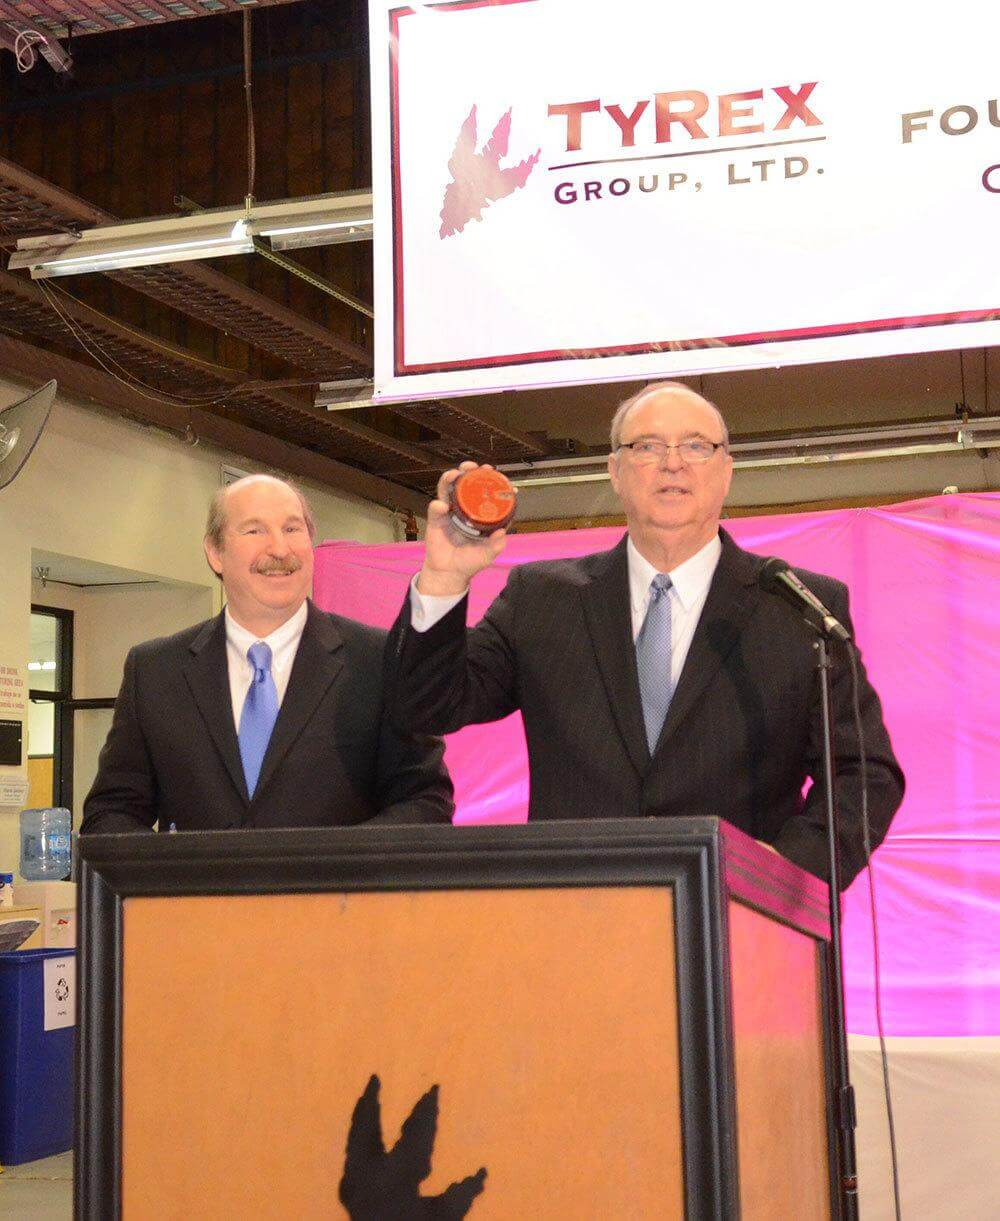 TyRex Photo: TyRex Founders Day 2015 (2)